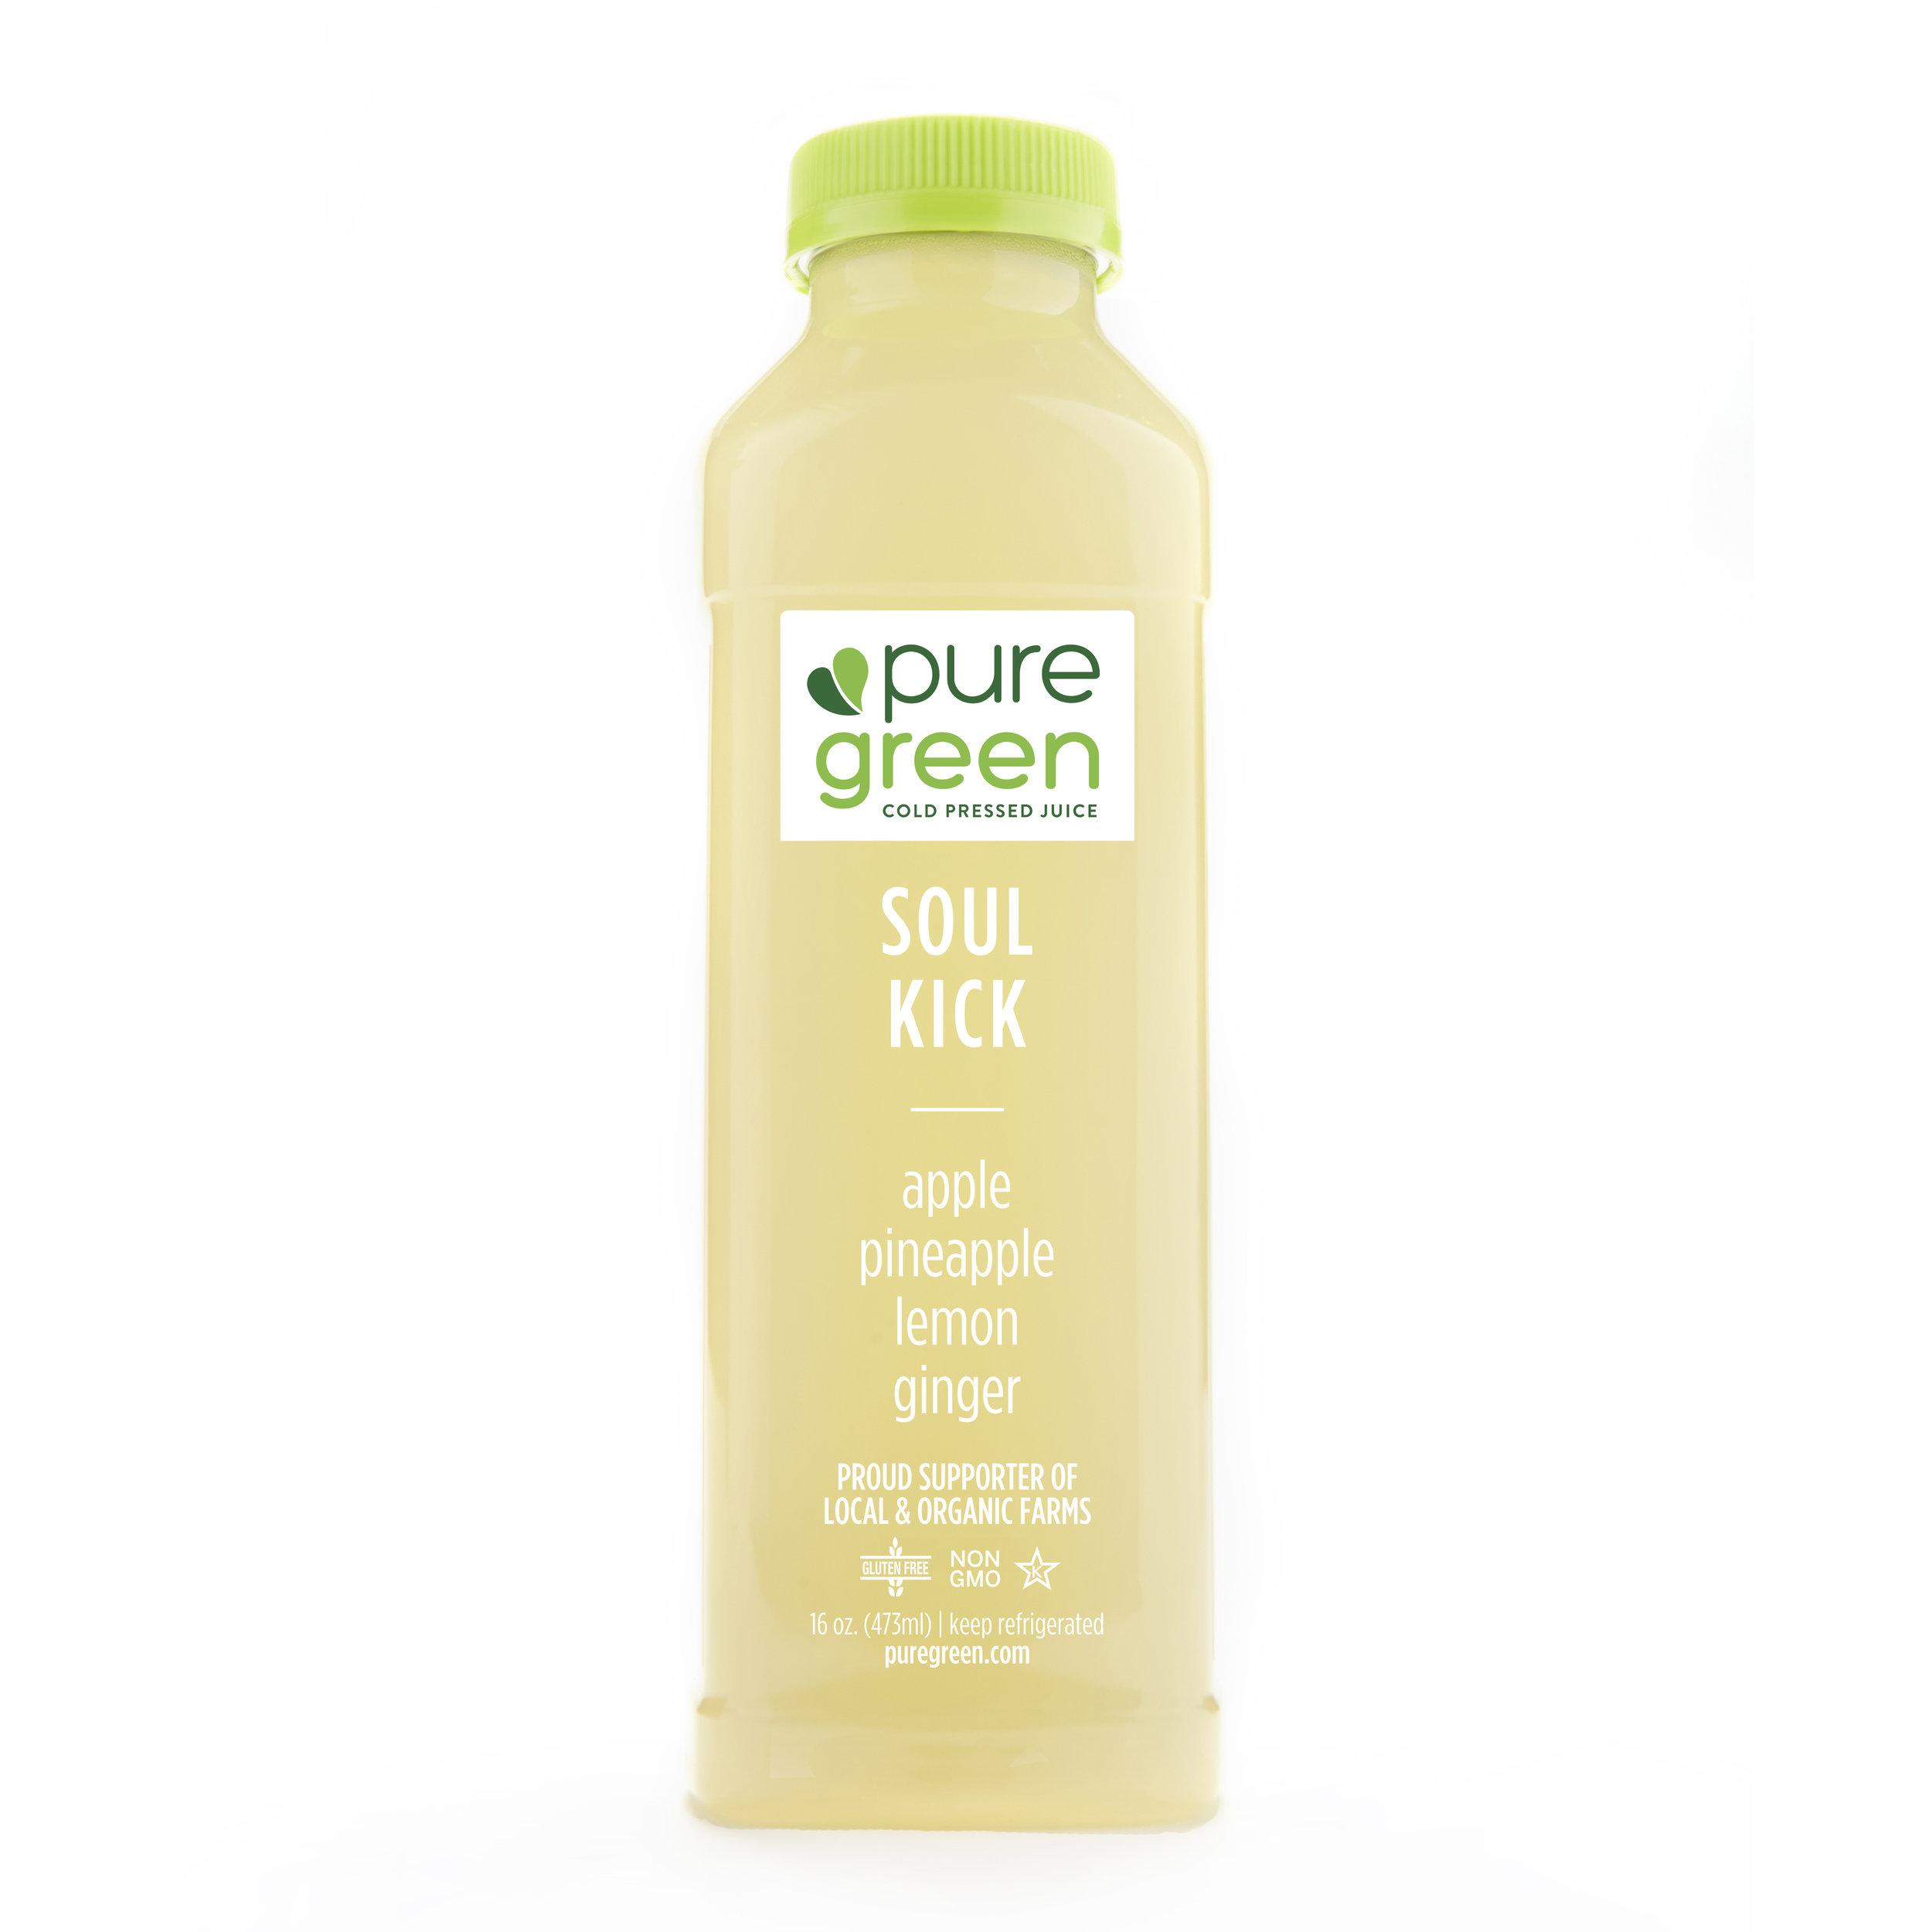 Soul Kick 16oz Juice.jpg